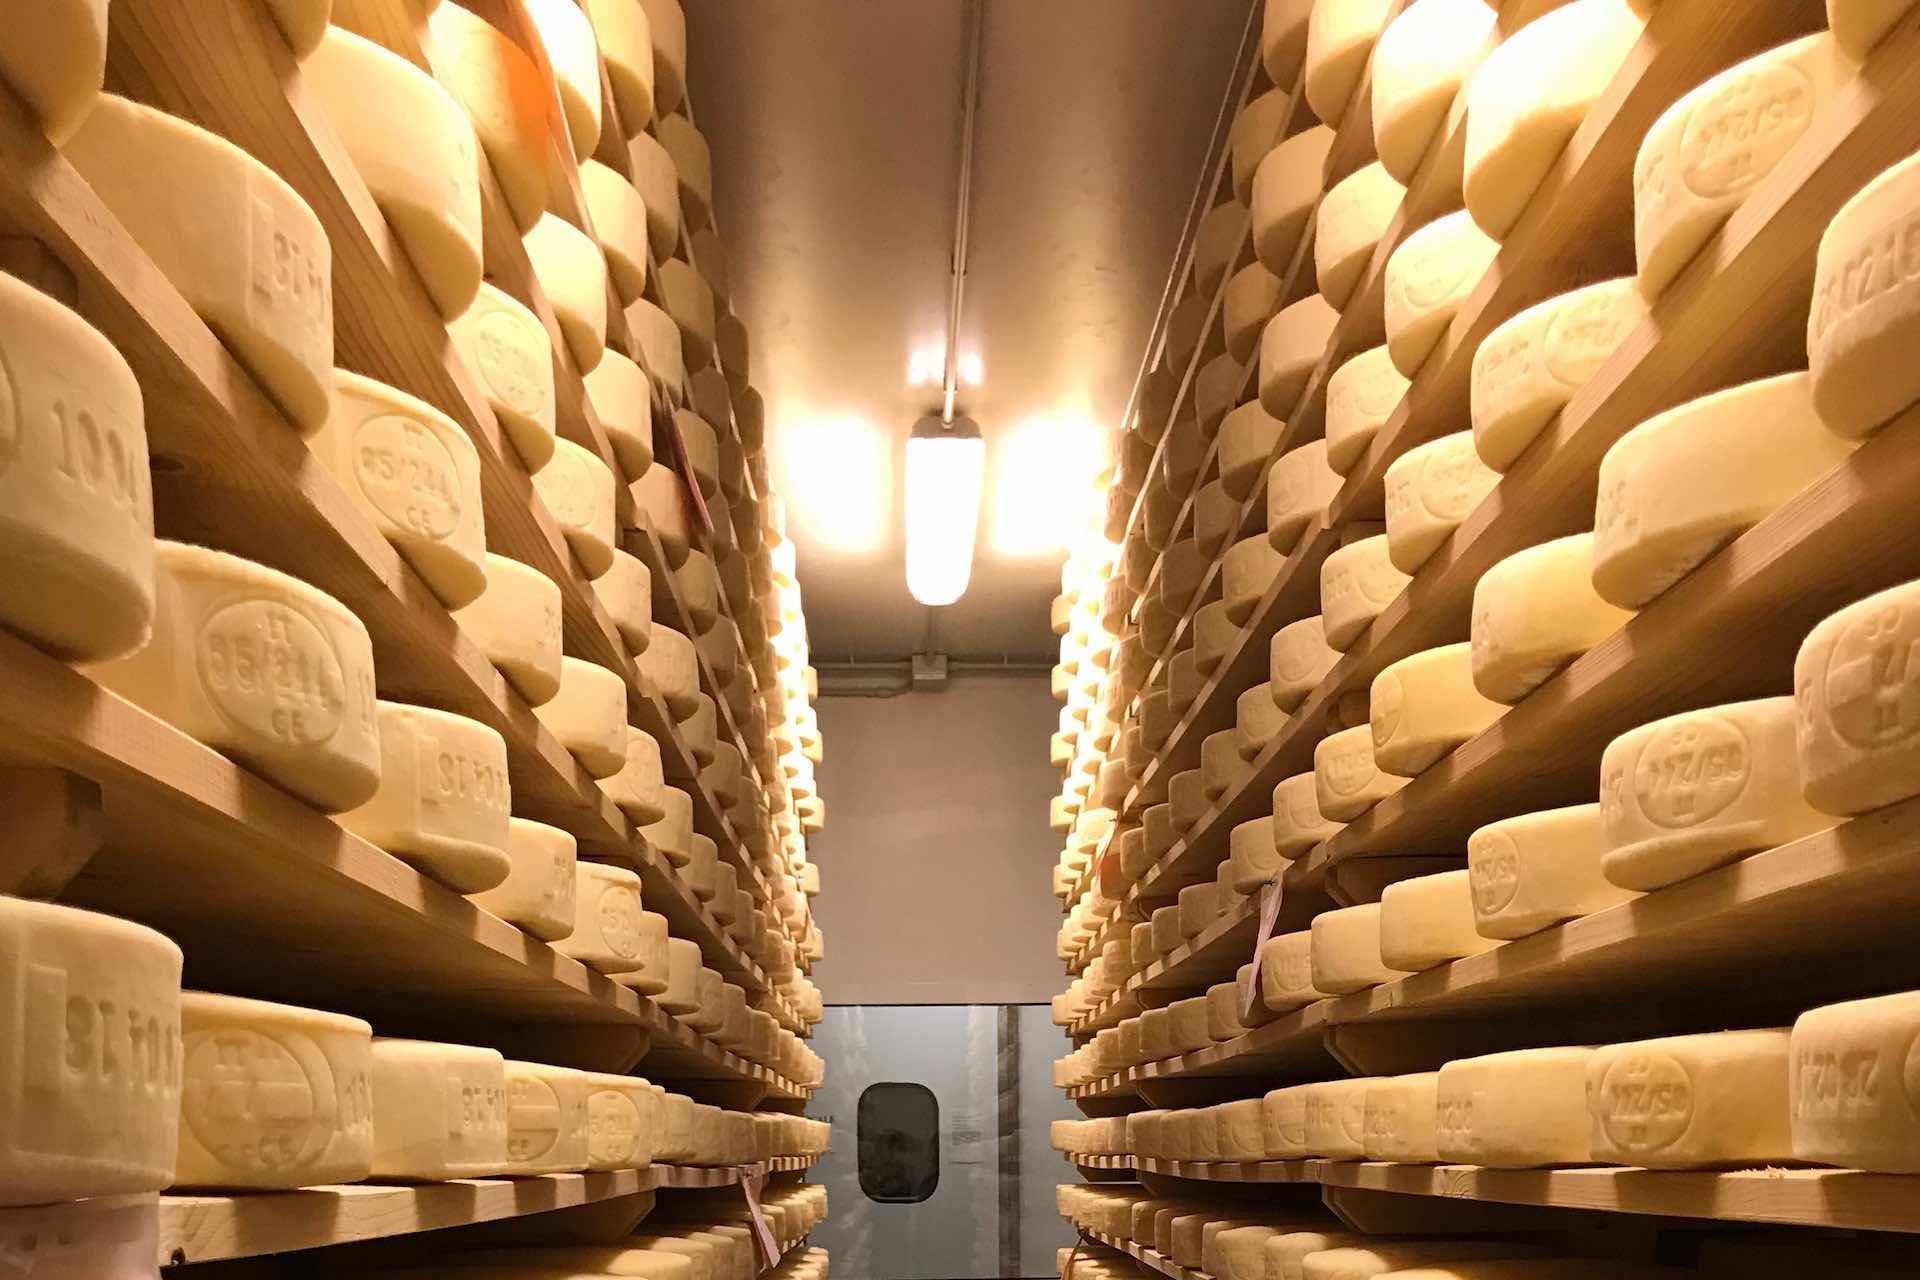 visita l'accademia internazionale dell'arte casearia alla scoperta dei formaggi veneti, vere esperienze grastronomiche in Veneto